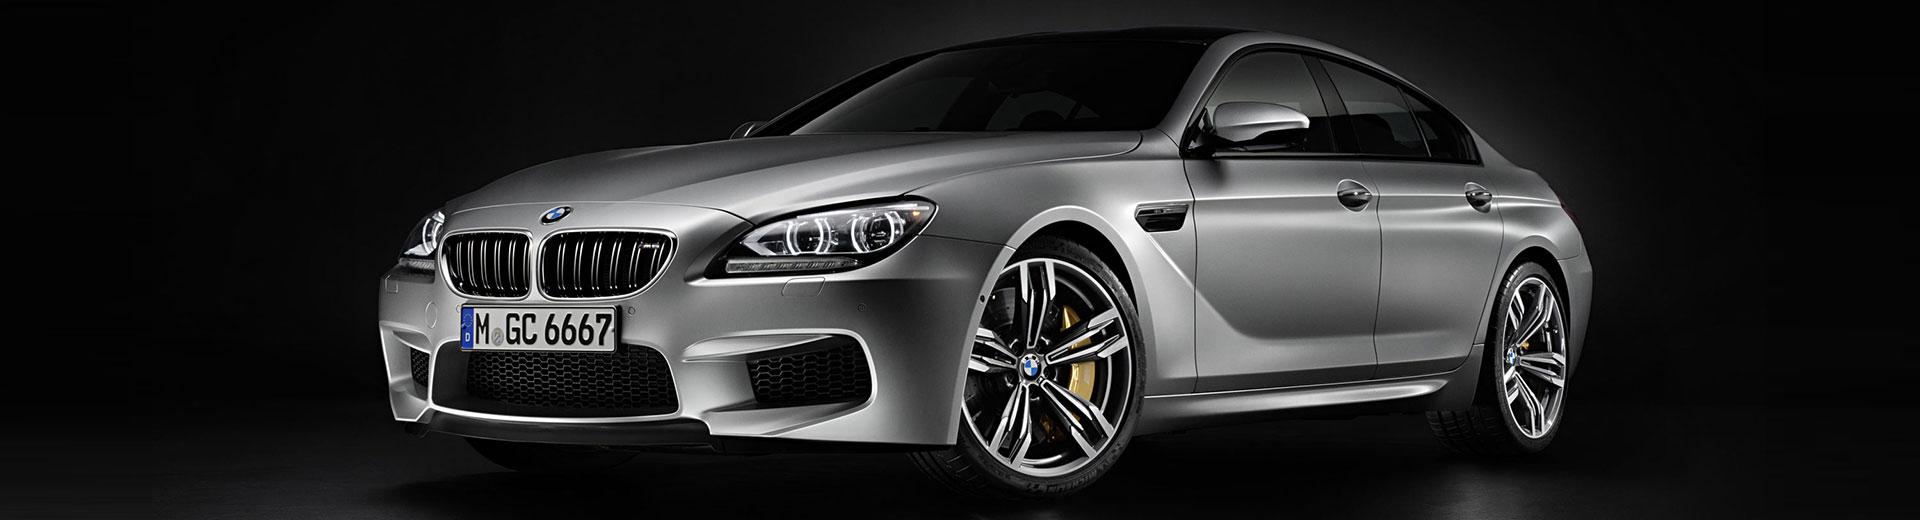 Audi lease deals princeton nj